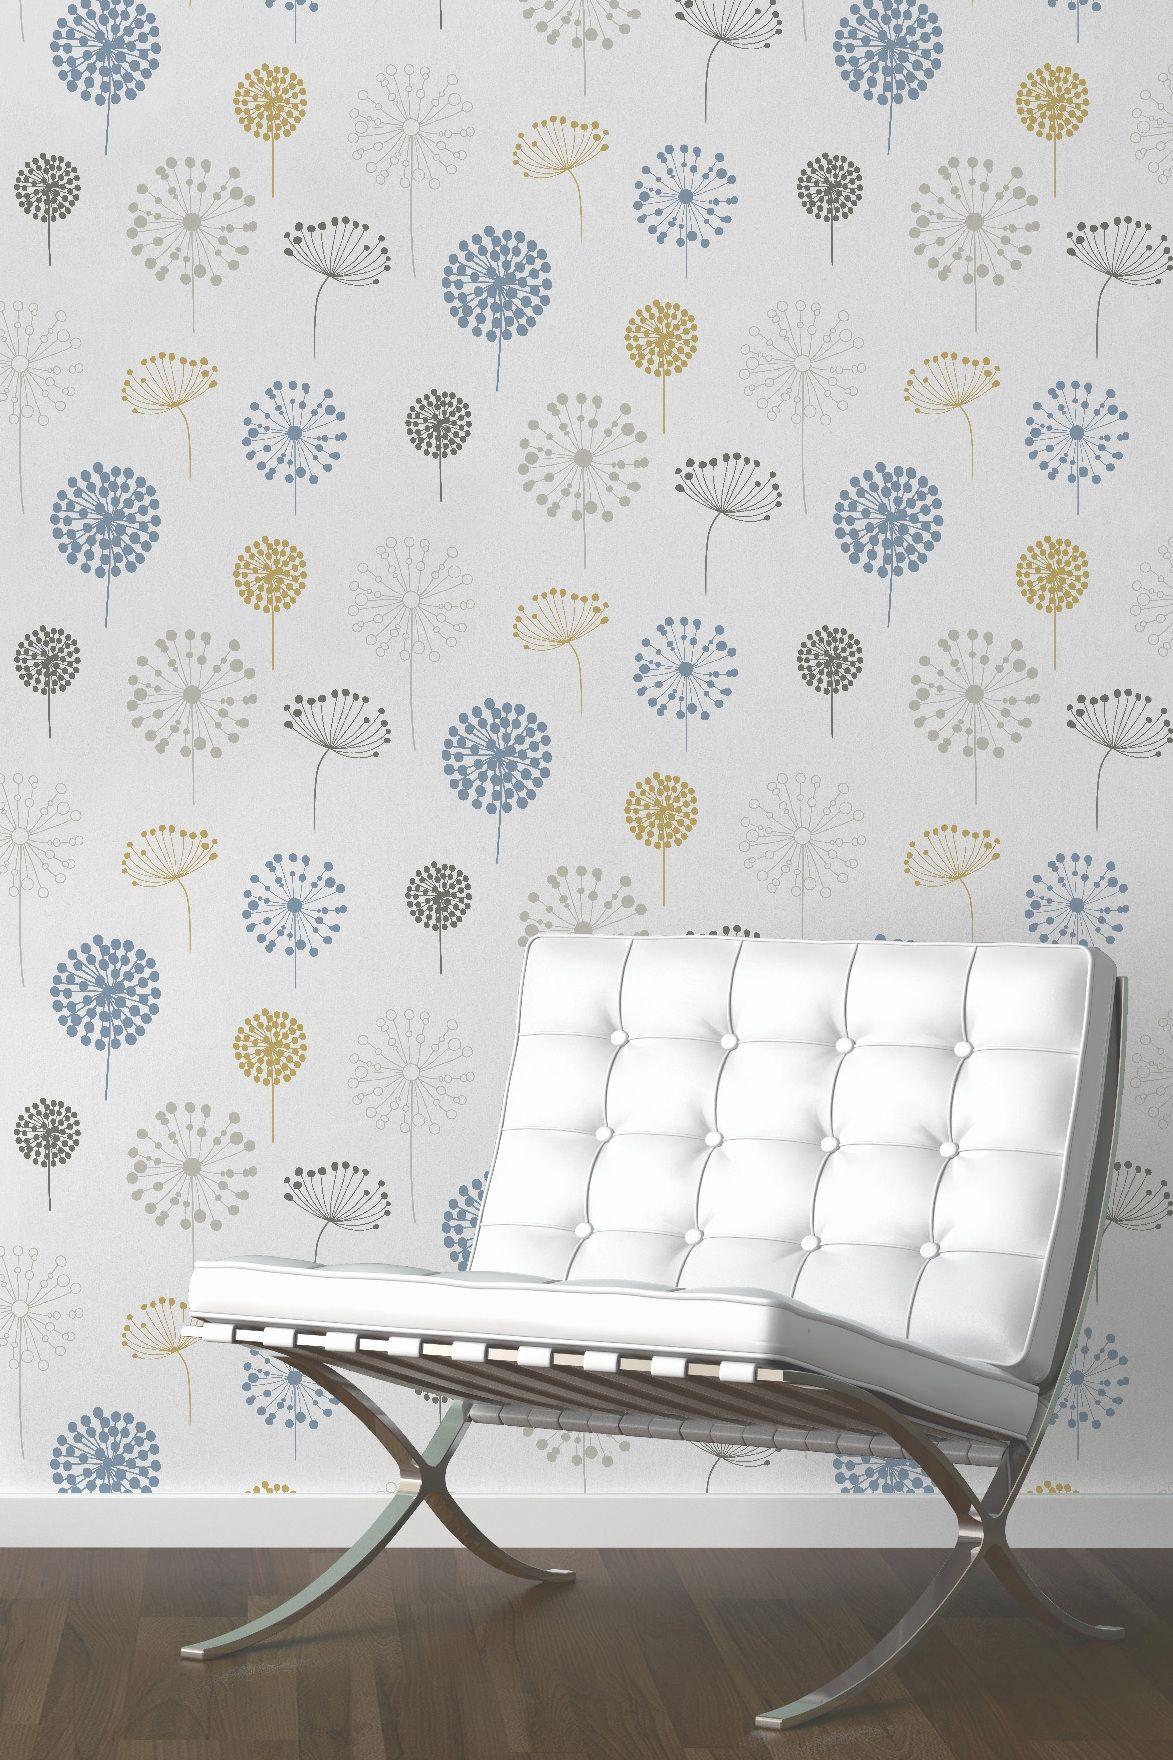 Papier Peint Conseils Et Idees Pour Habiller Vos Murs Papier Peint Chambre Bebe Papier Peint Chambre Deco Chambre Parental